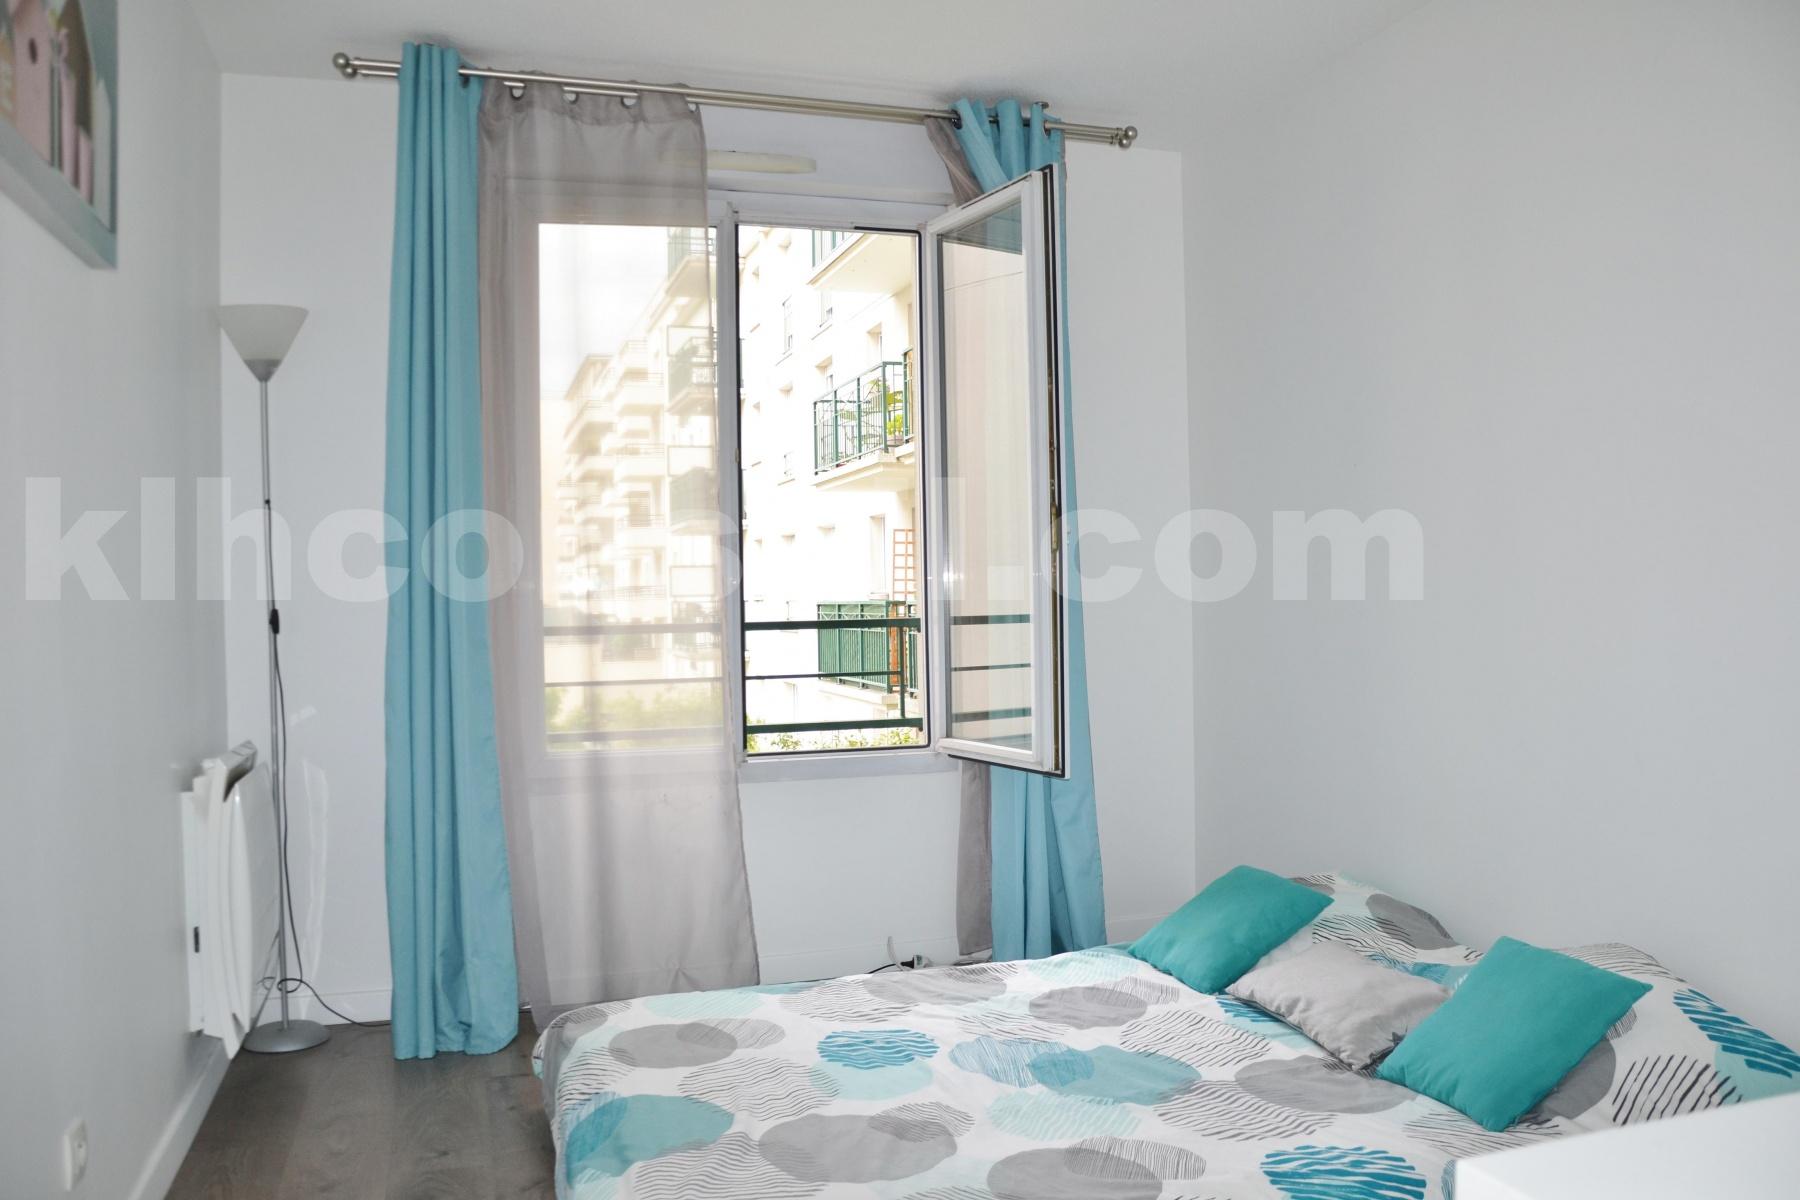 Vente Appartement de 4 pièces 79 m² - COLOMBES 92700   KLH Conseil - AR photo9